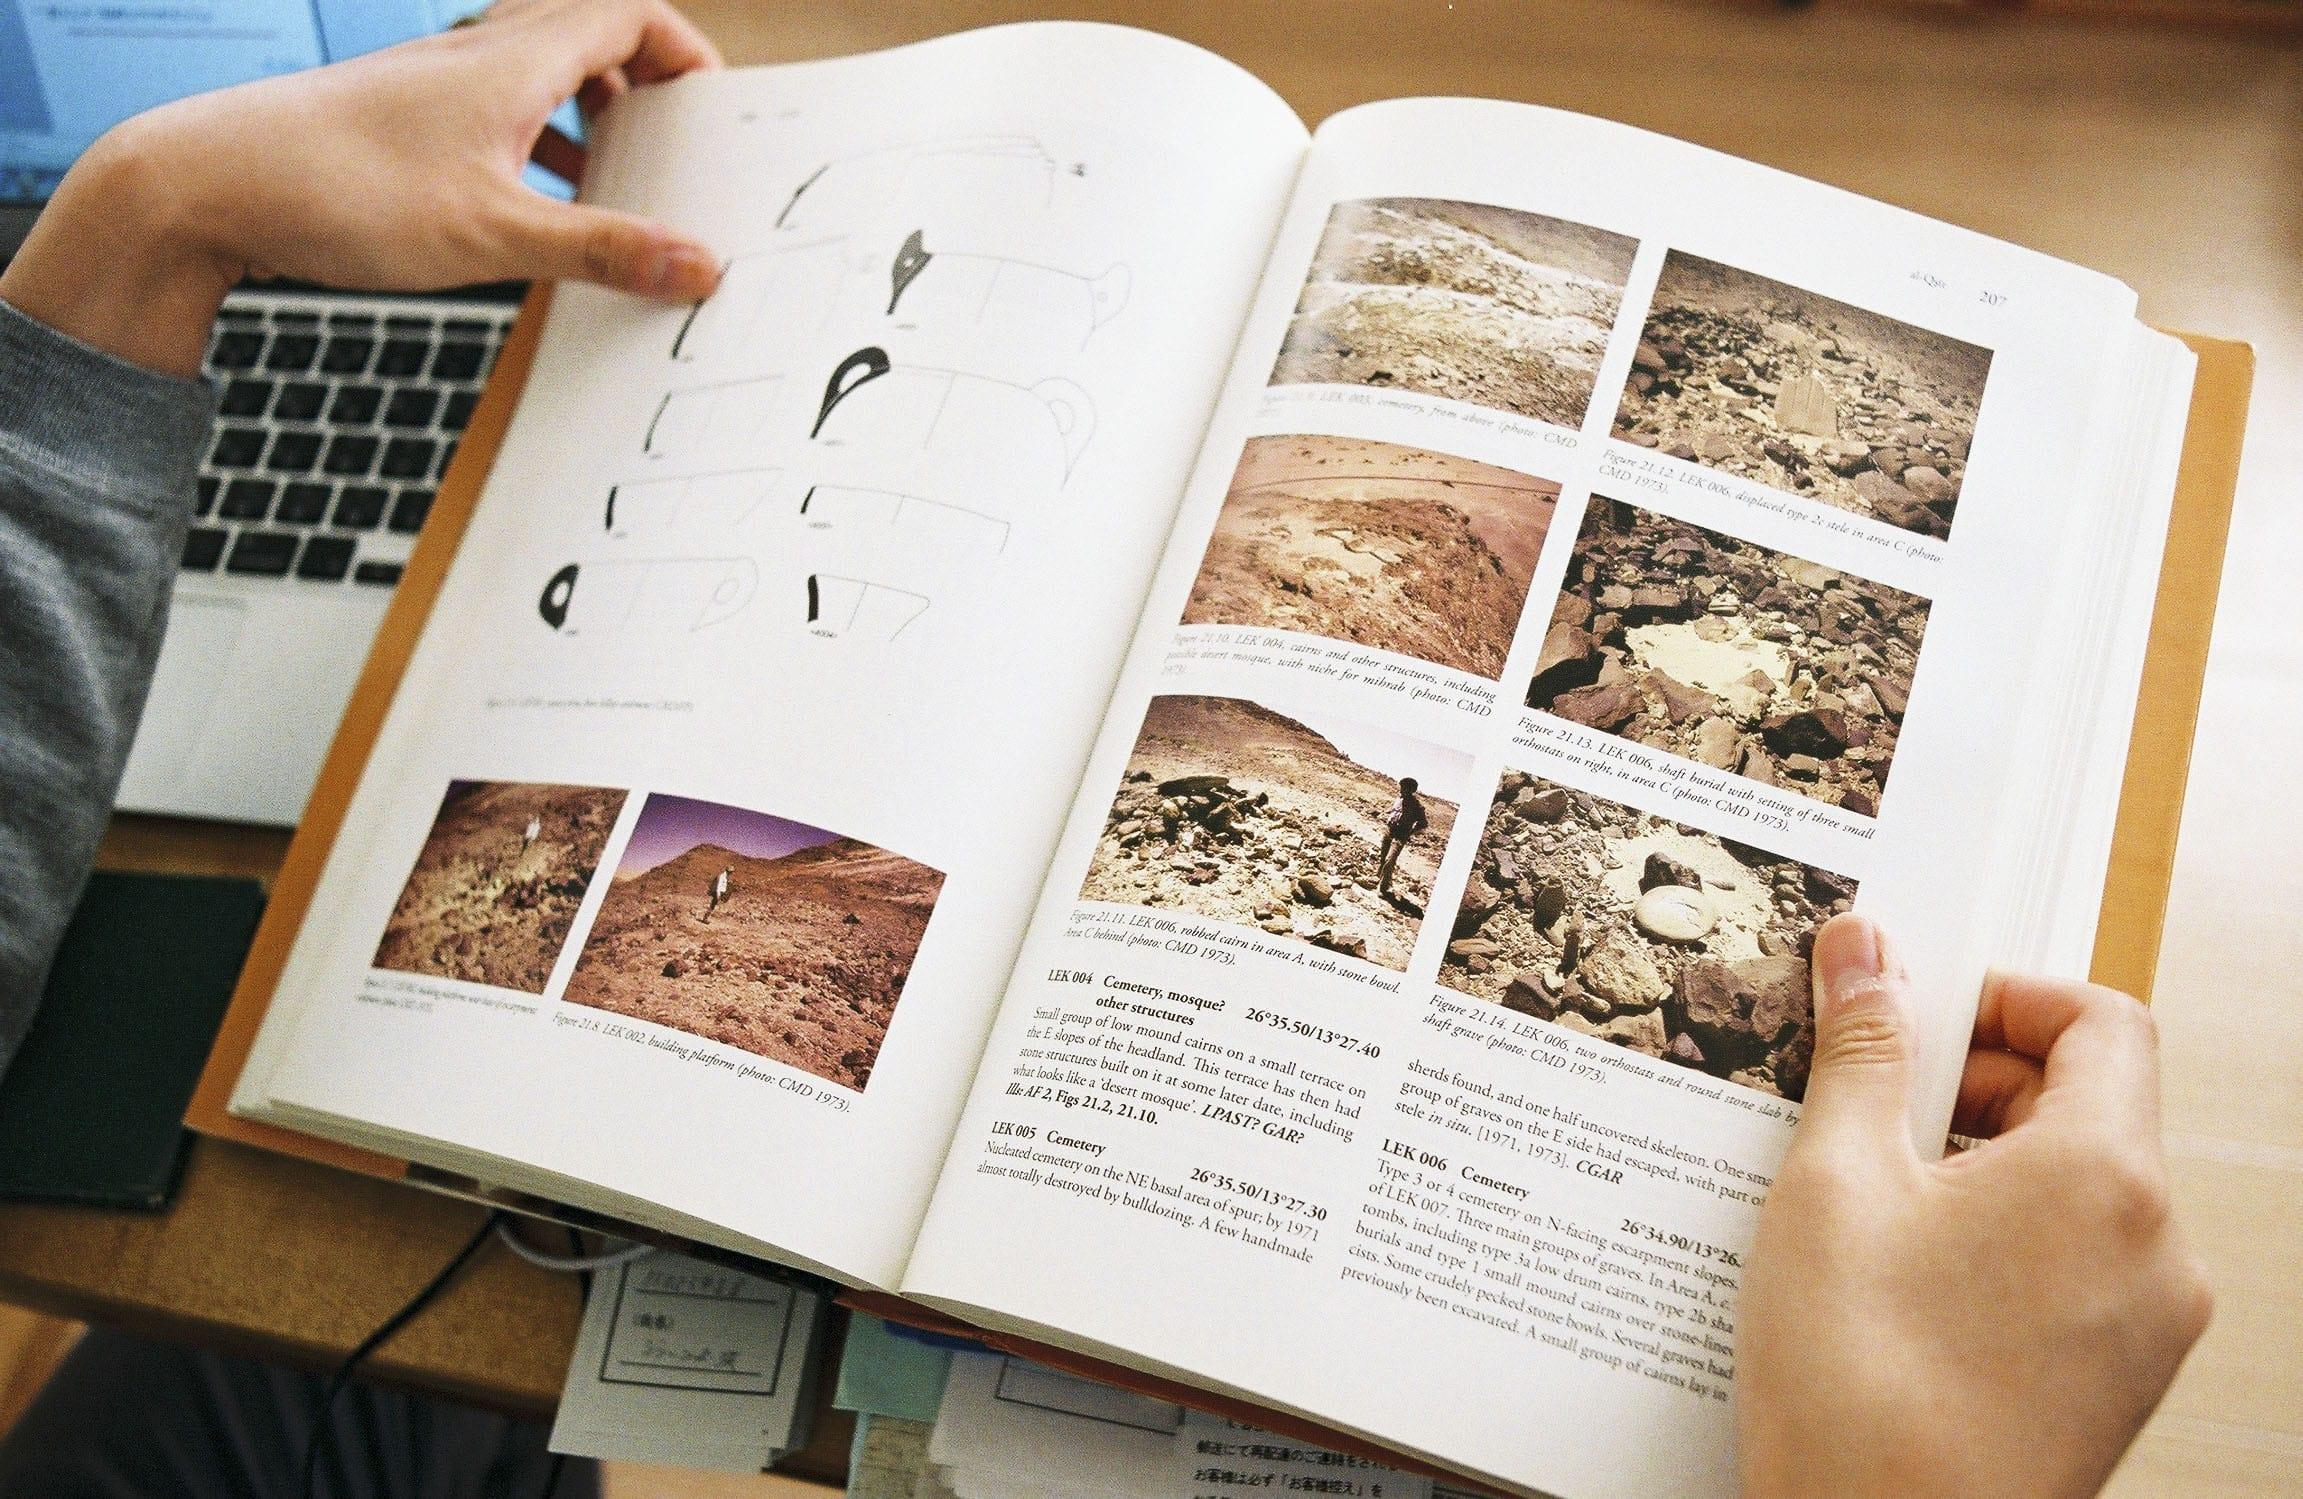 青木さんの愛読書のひとつ、リビア中央部の発掘報告書。(D. Mattingly ed., The Archaeology of Fazzan, London, 2007.)